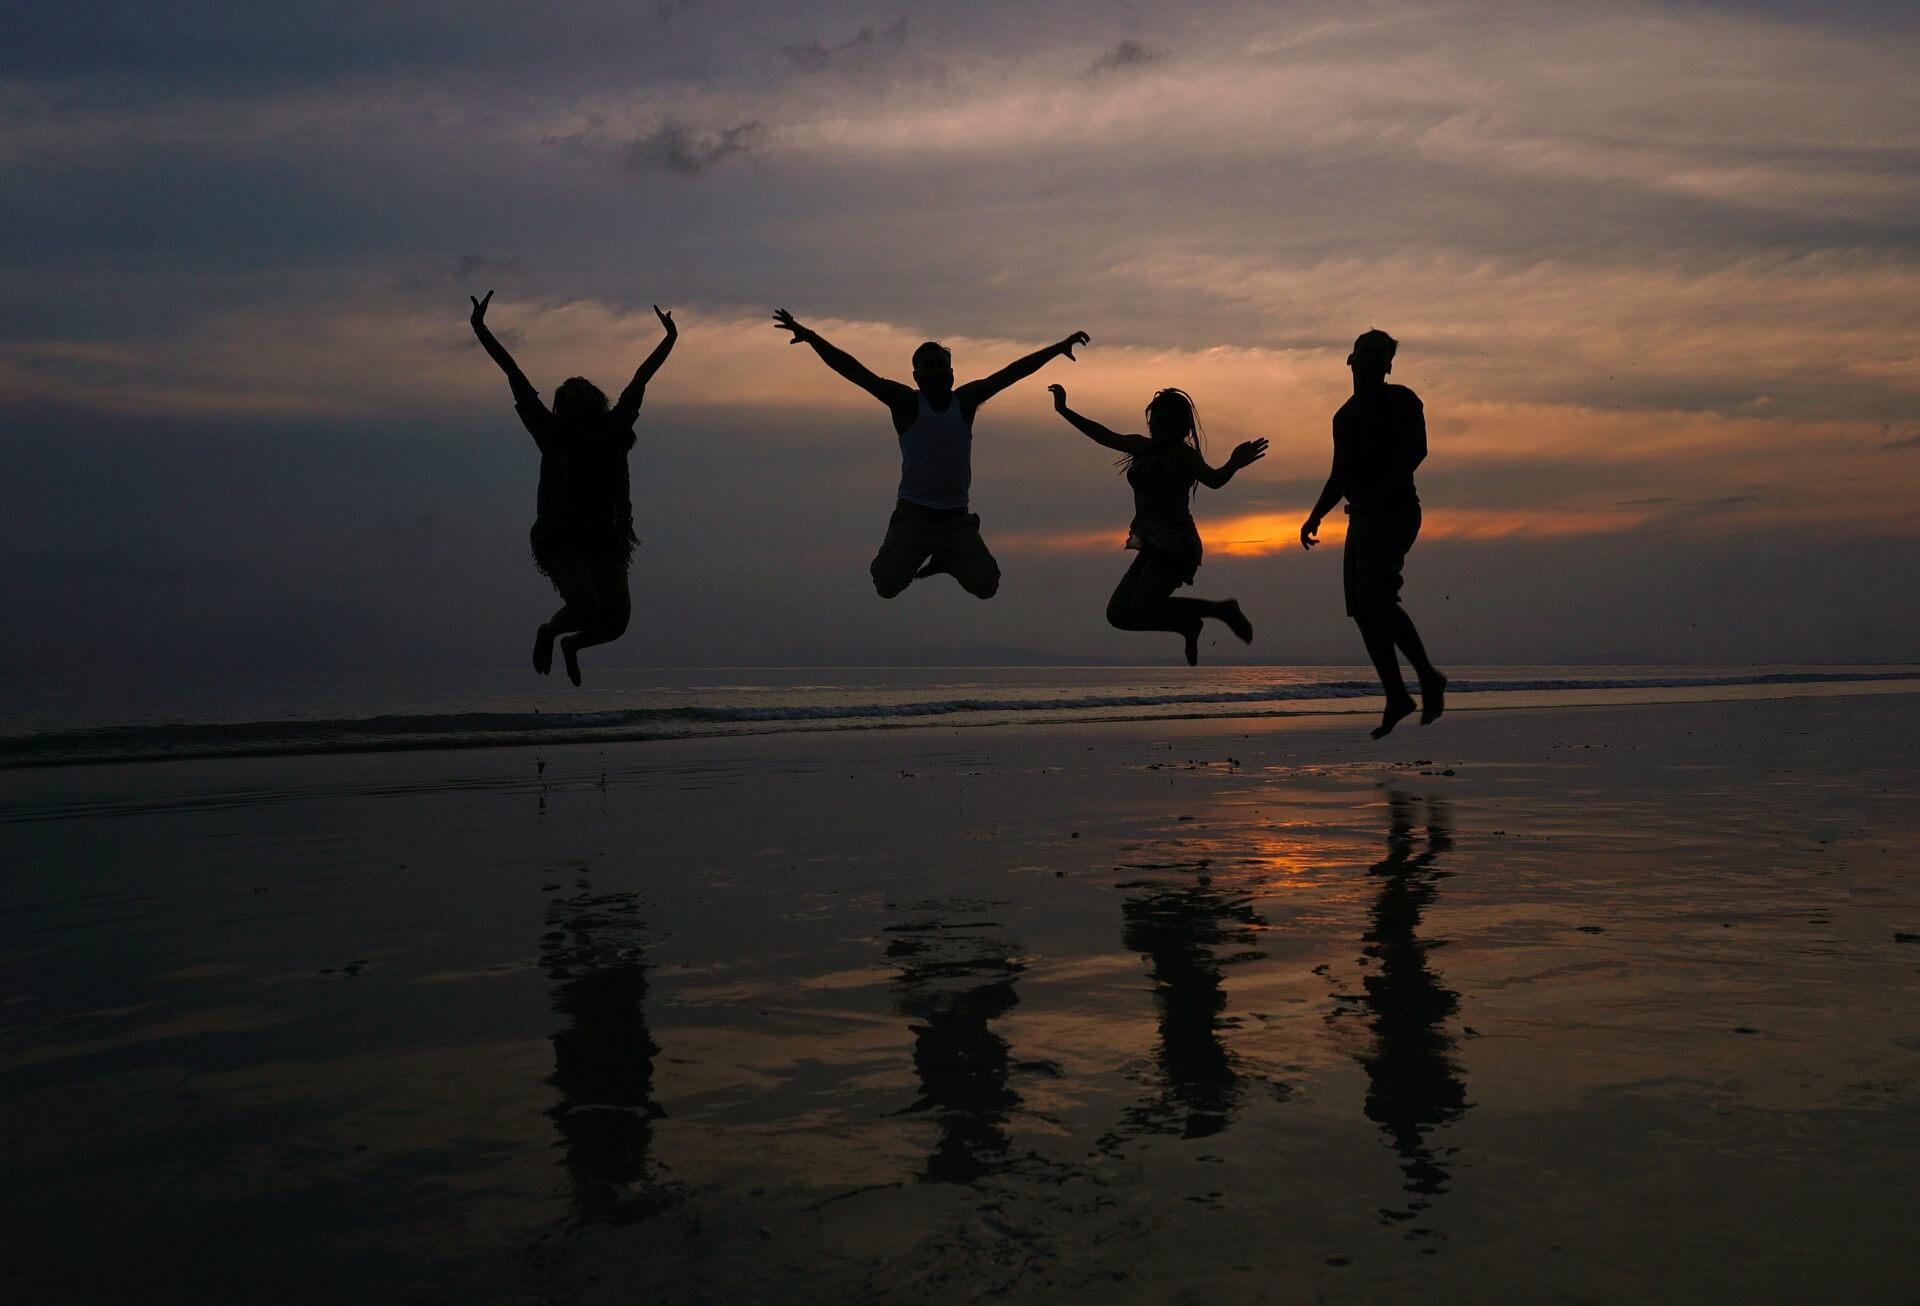 Pleci la mare cu prietenii? Iată 3 activități cool pe care le puteți face!